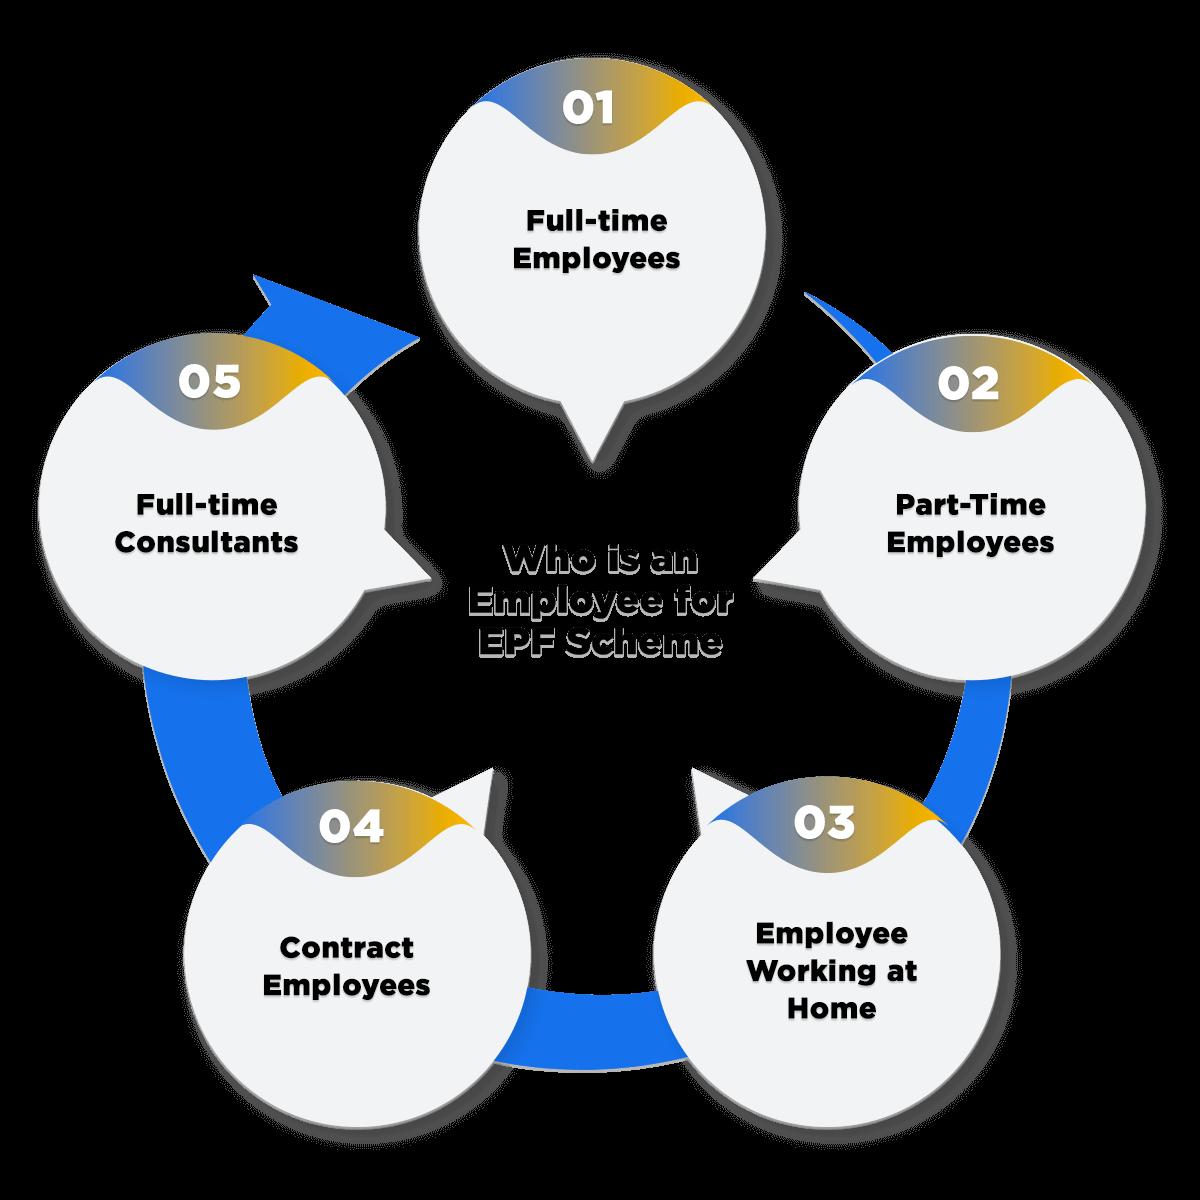 employee under epf scheme